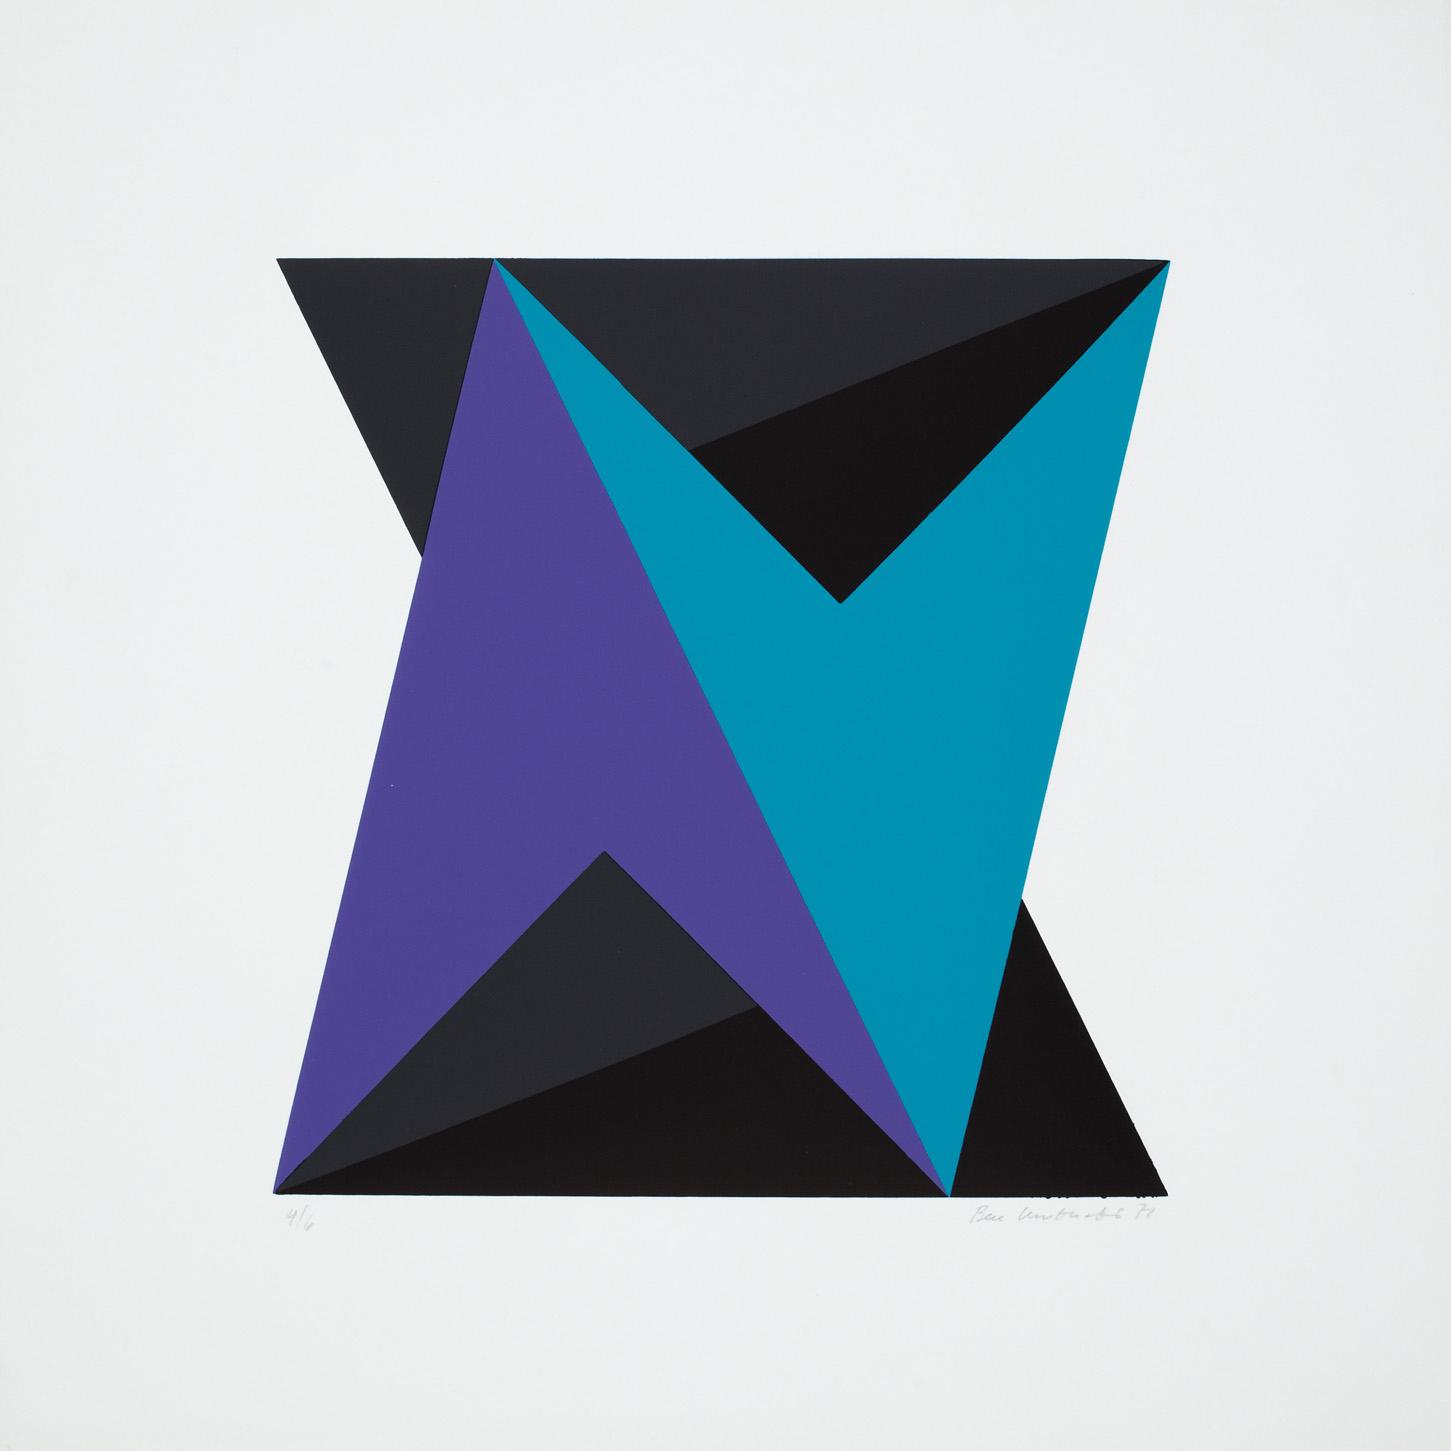 Ben Muthofer, Geometria konstrukcyjna